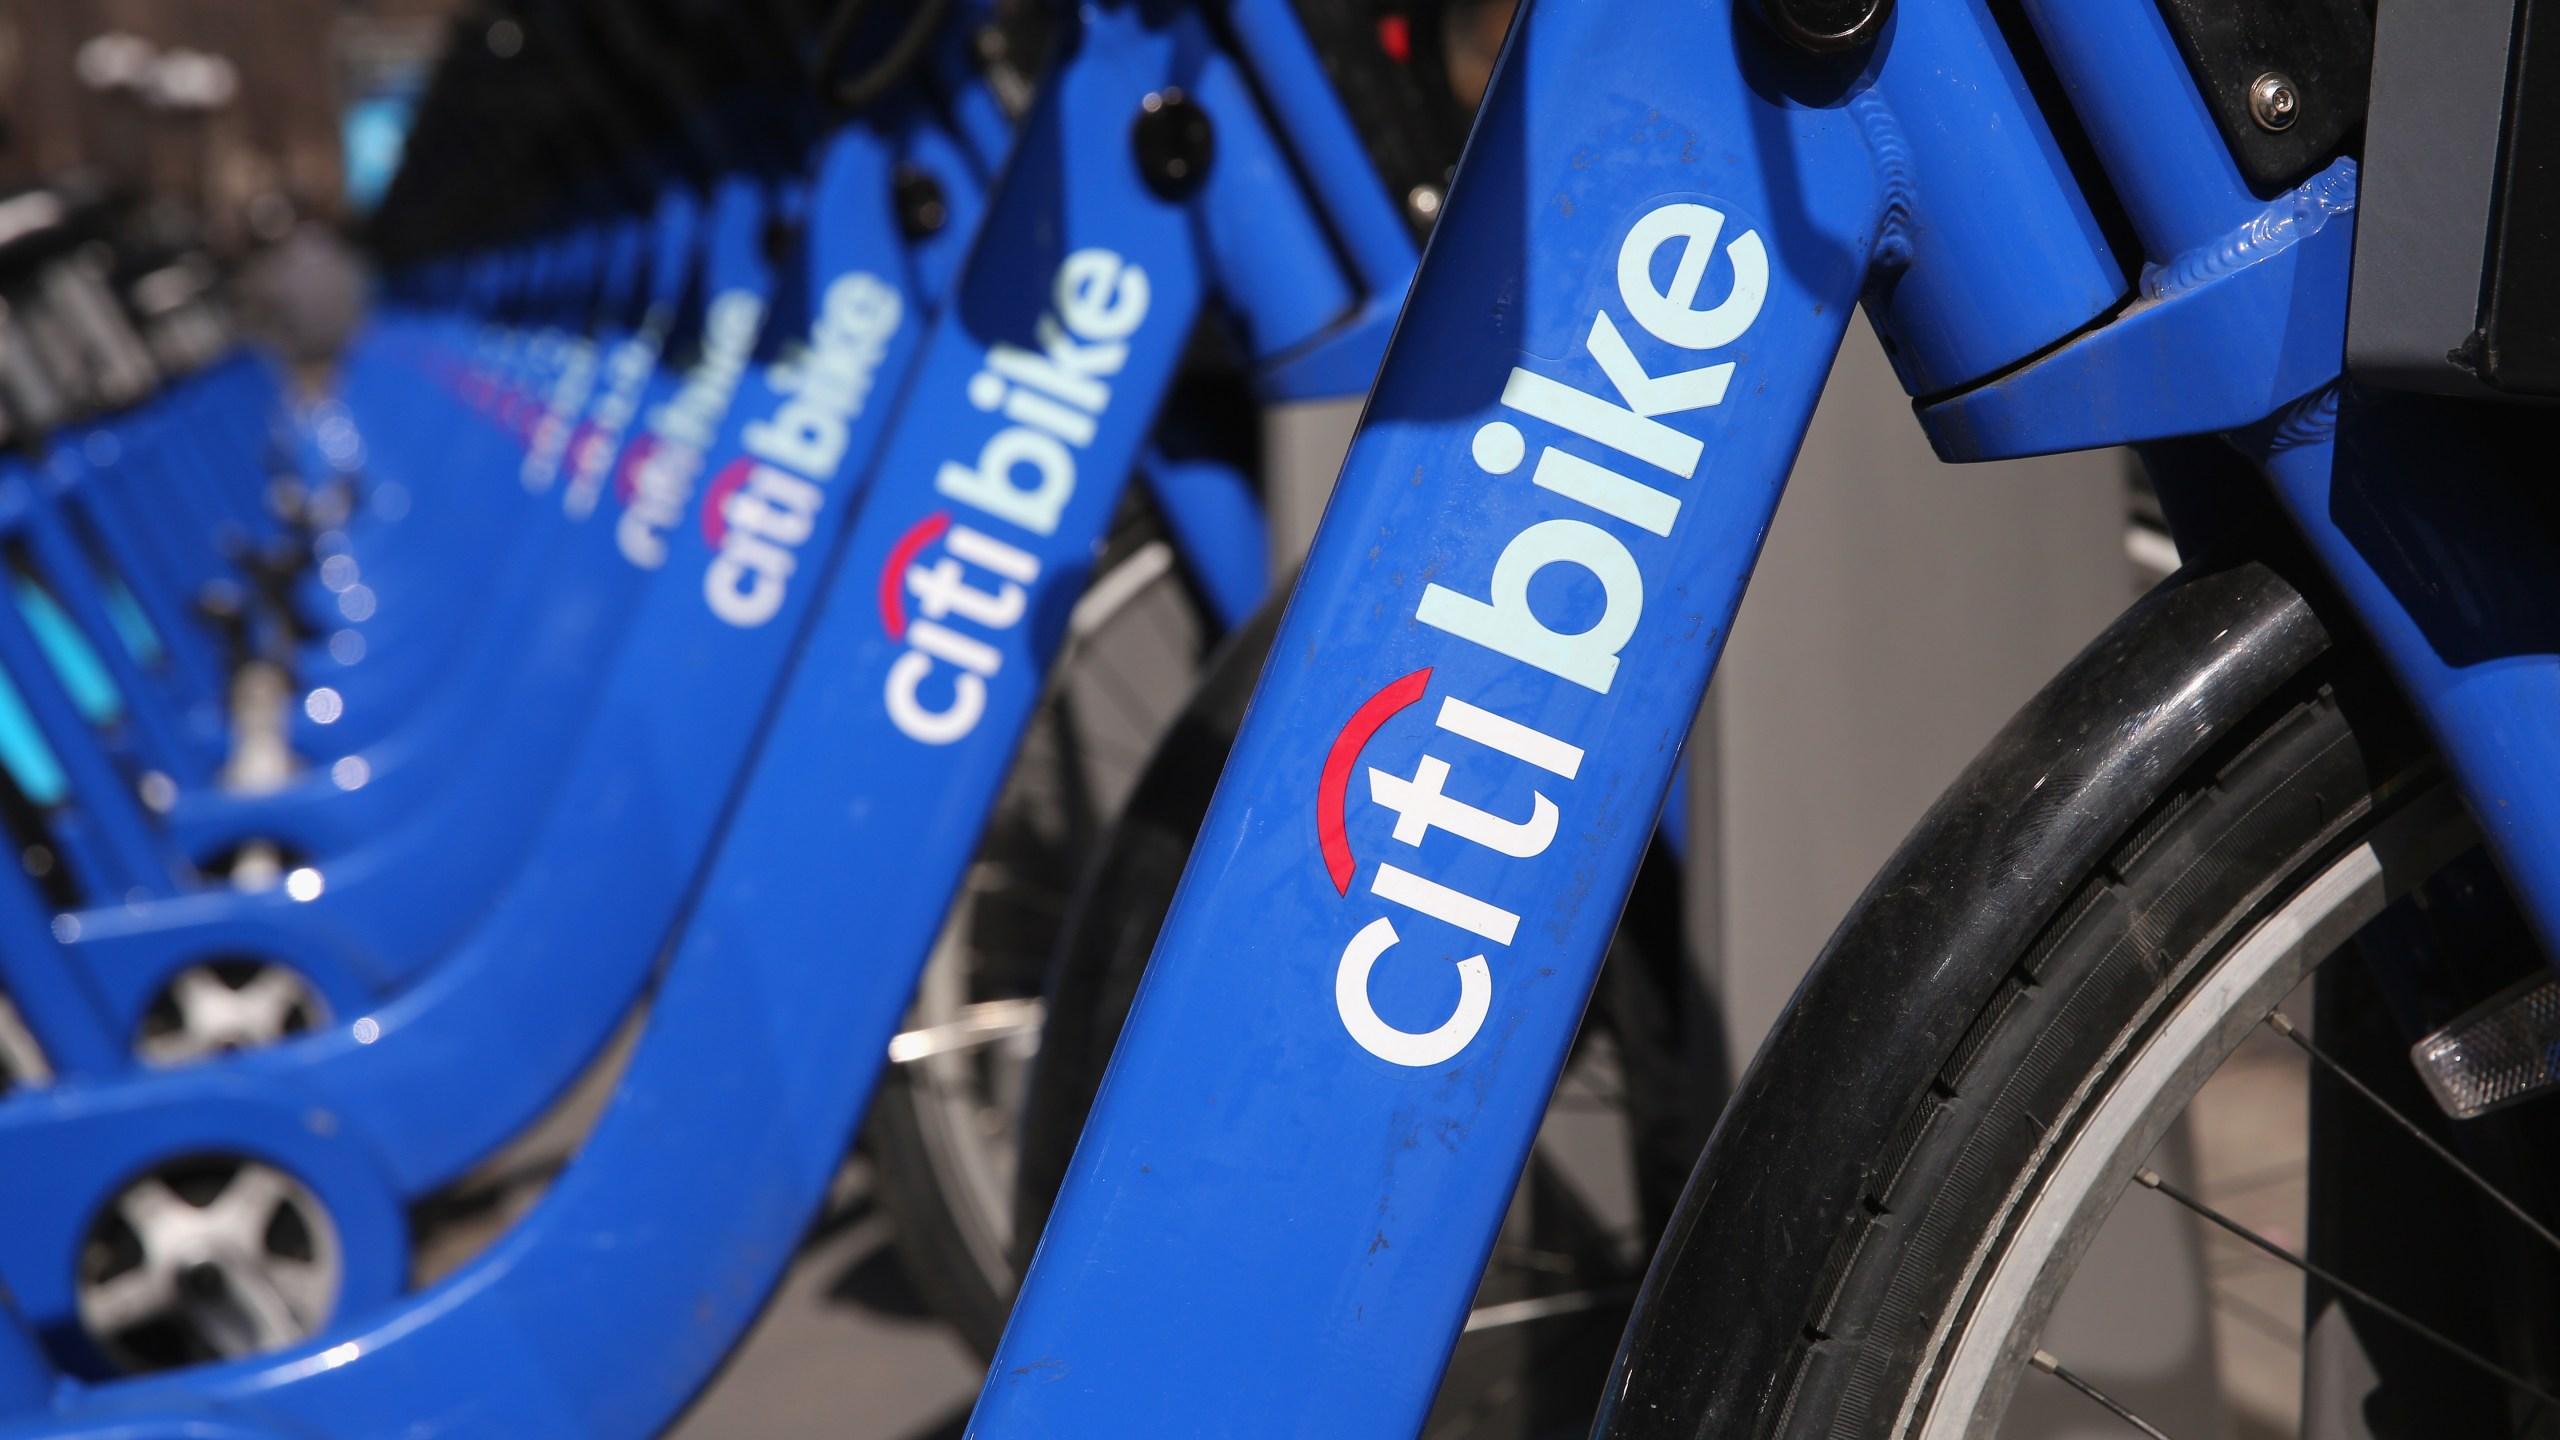 Citi Bike removes fleet of e-bikes due to brakeissues